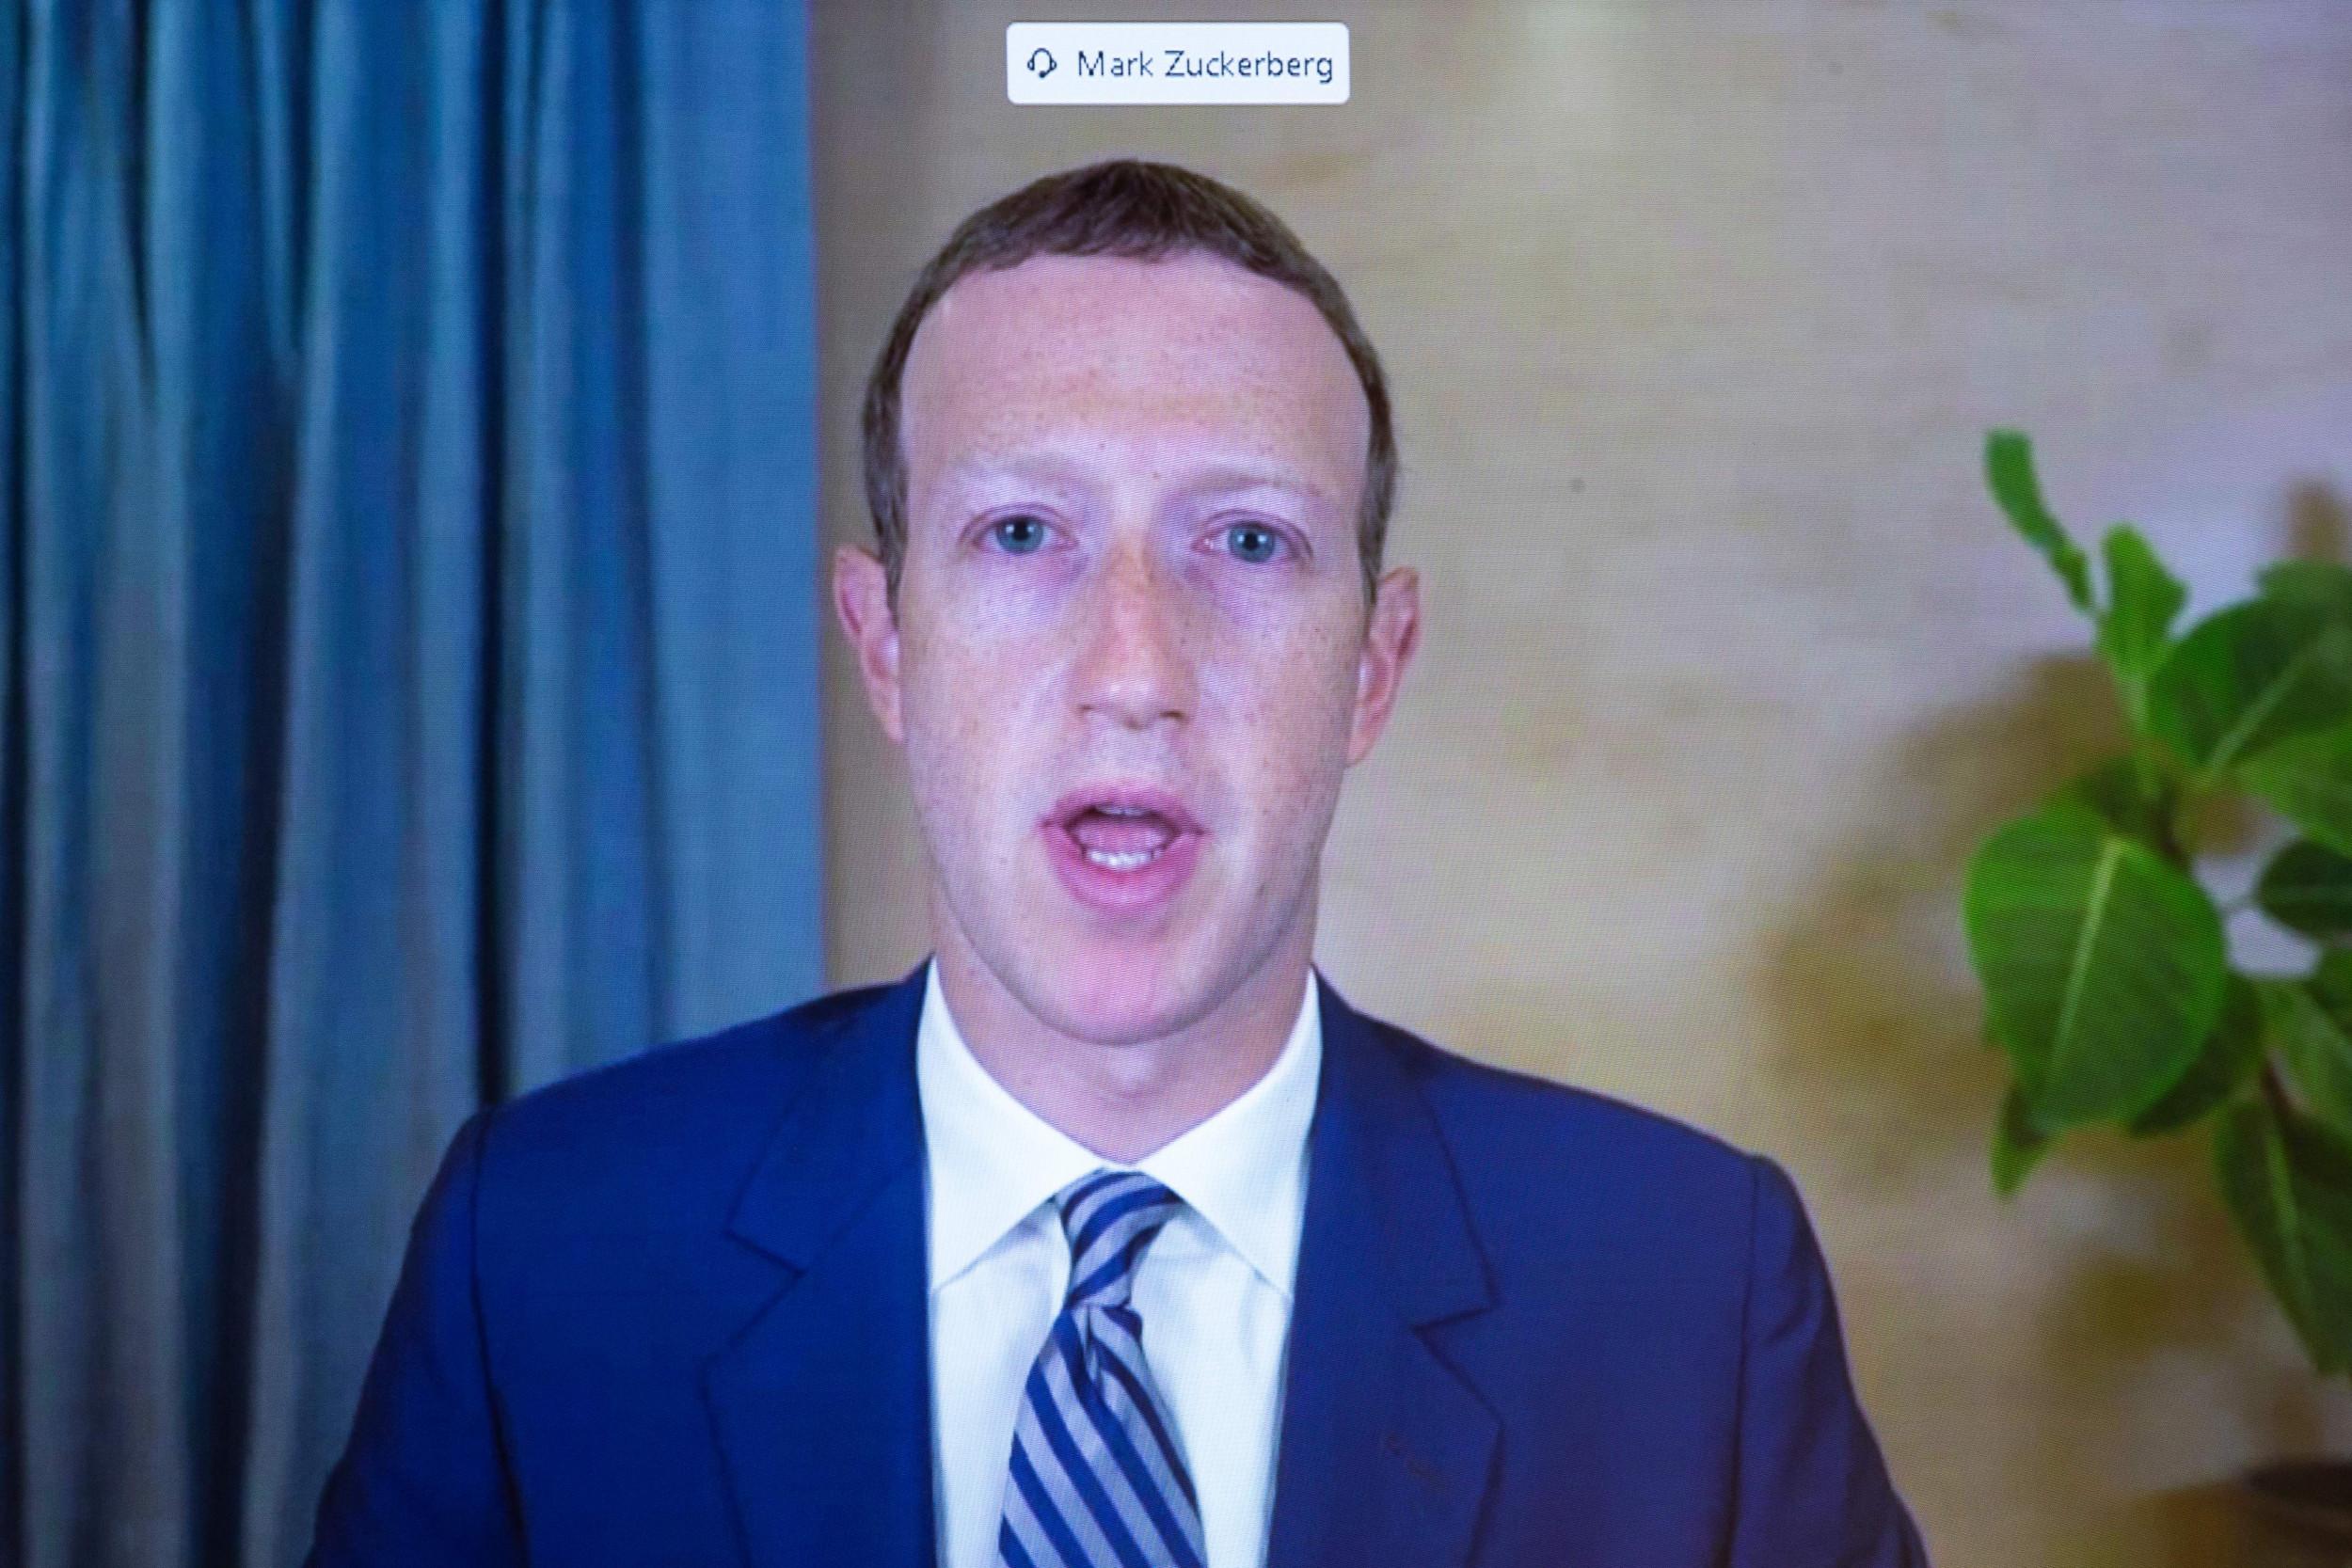 www.newsweek.com